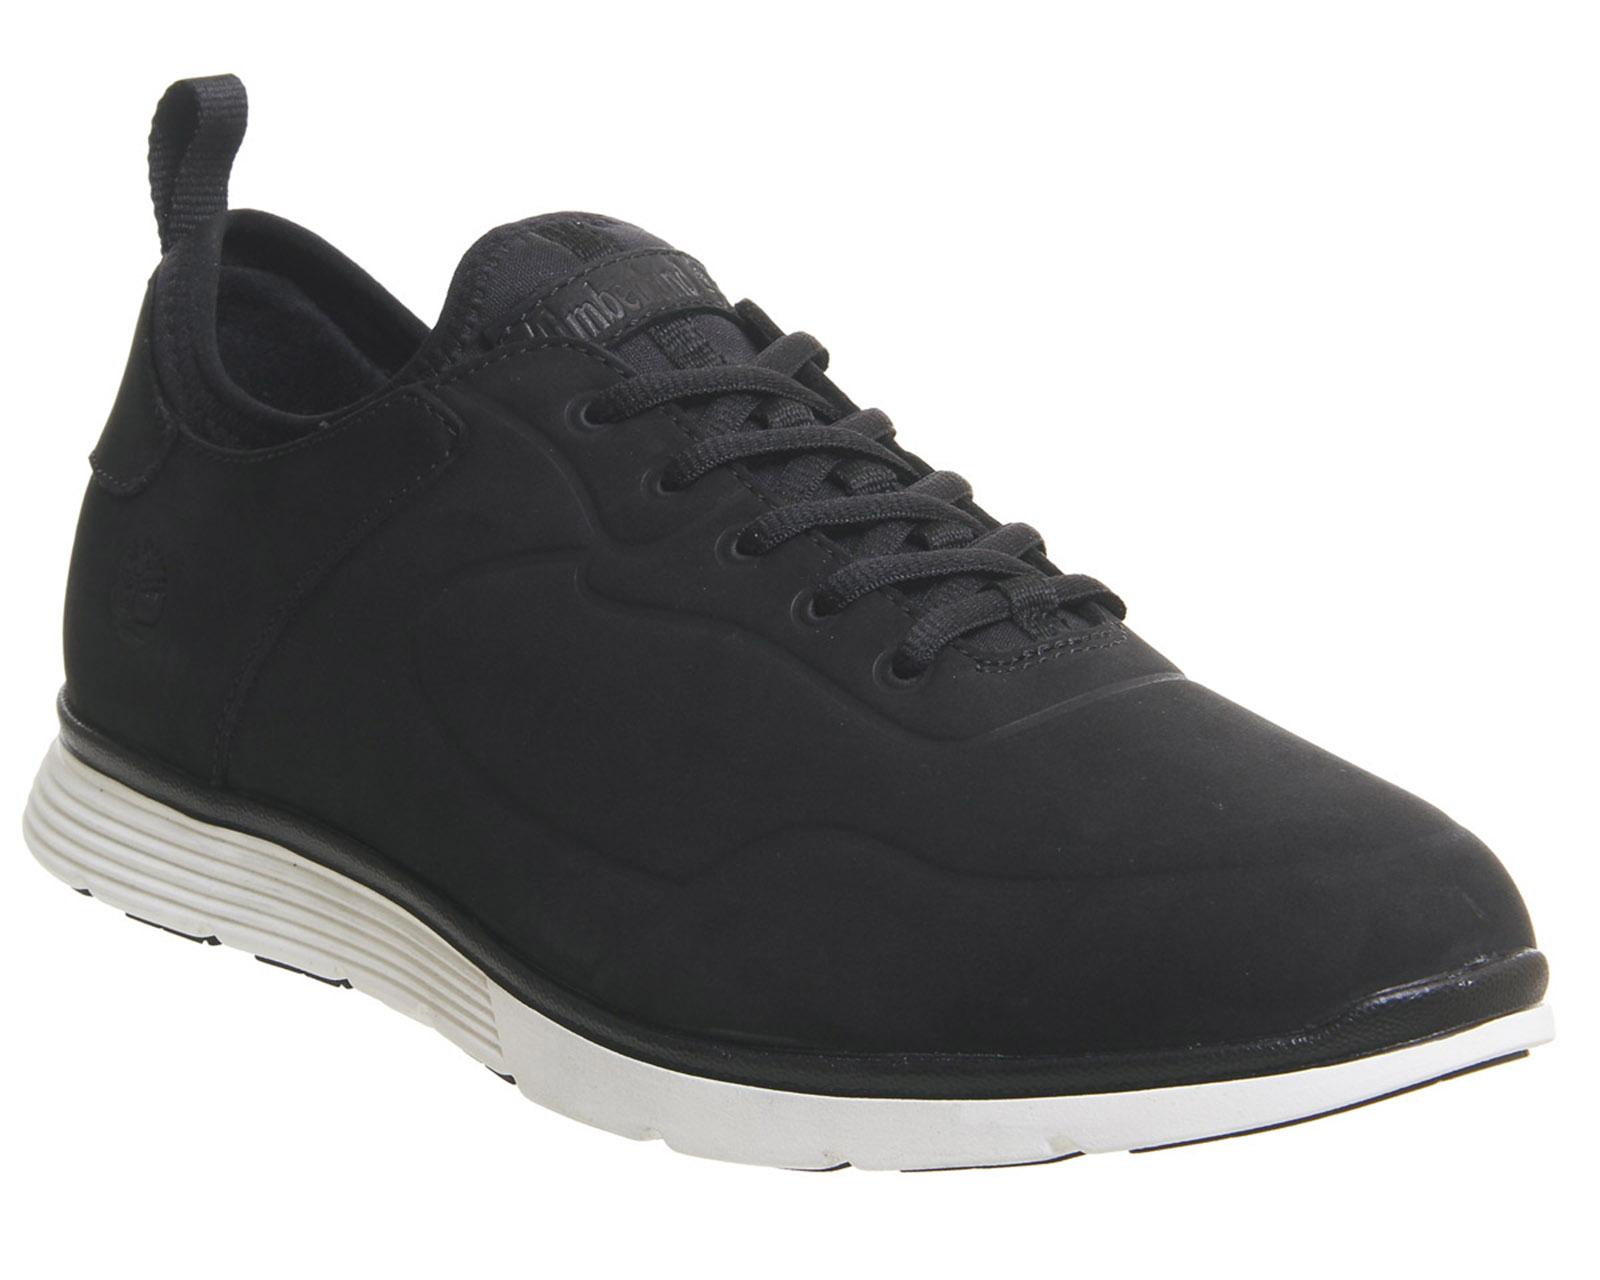 scarpe uomo timberland nere